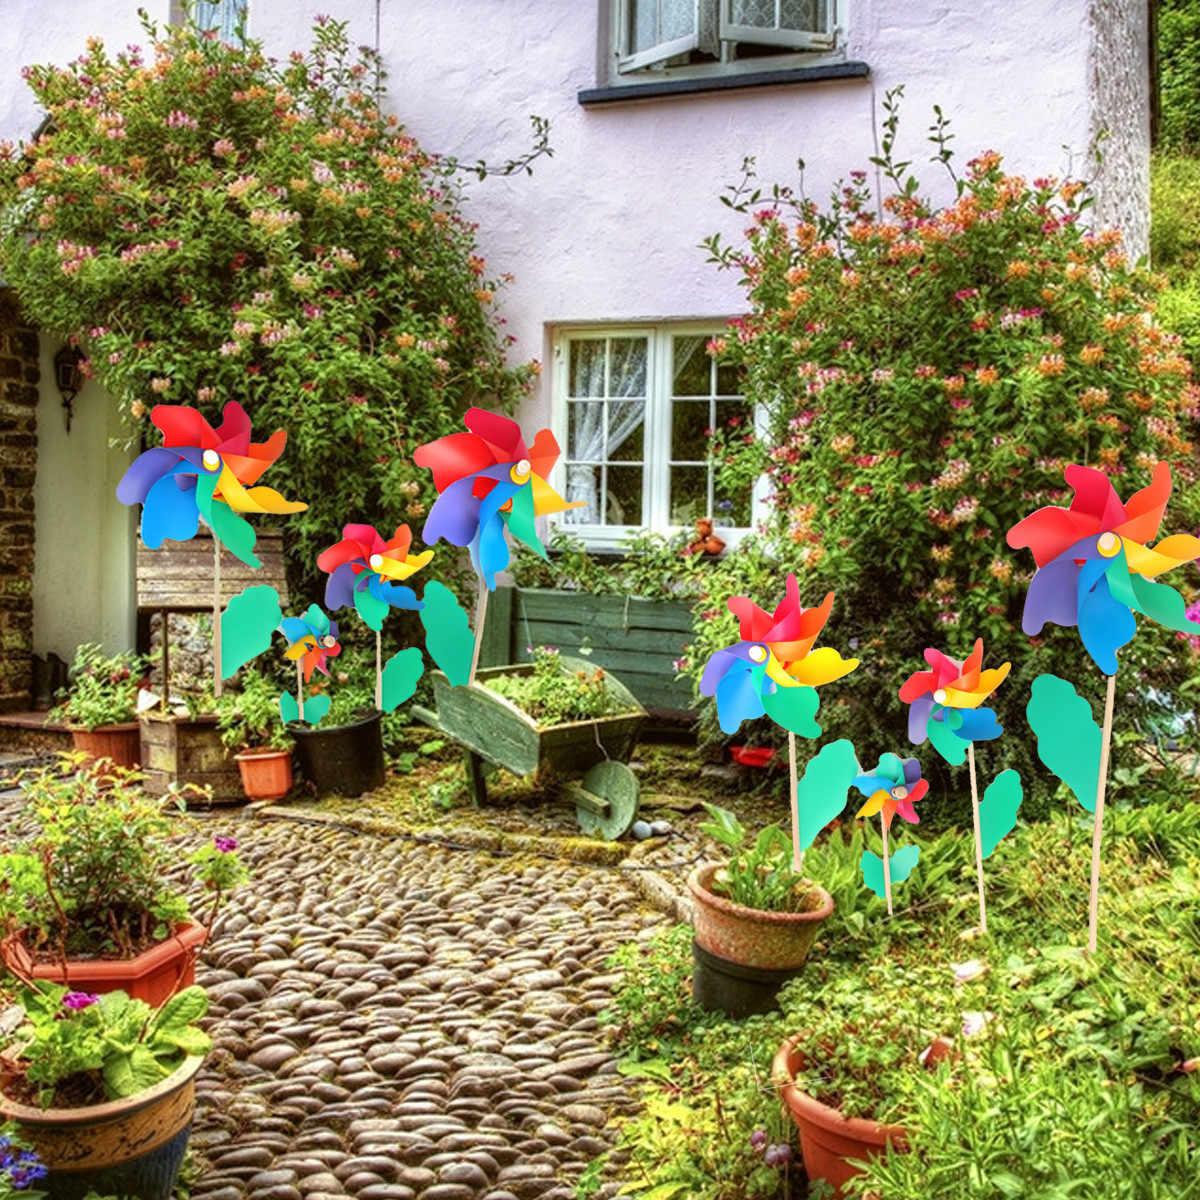 12 см пластиковая ветряная мельница красочные ветряные мельницы детские игрушки для дома, сада, двора Декор уличная игрушка набор